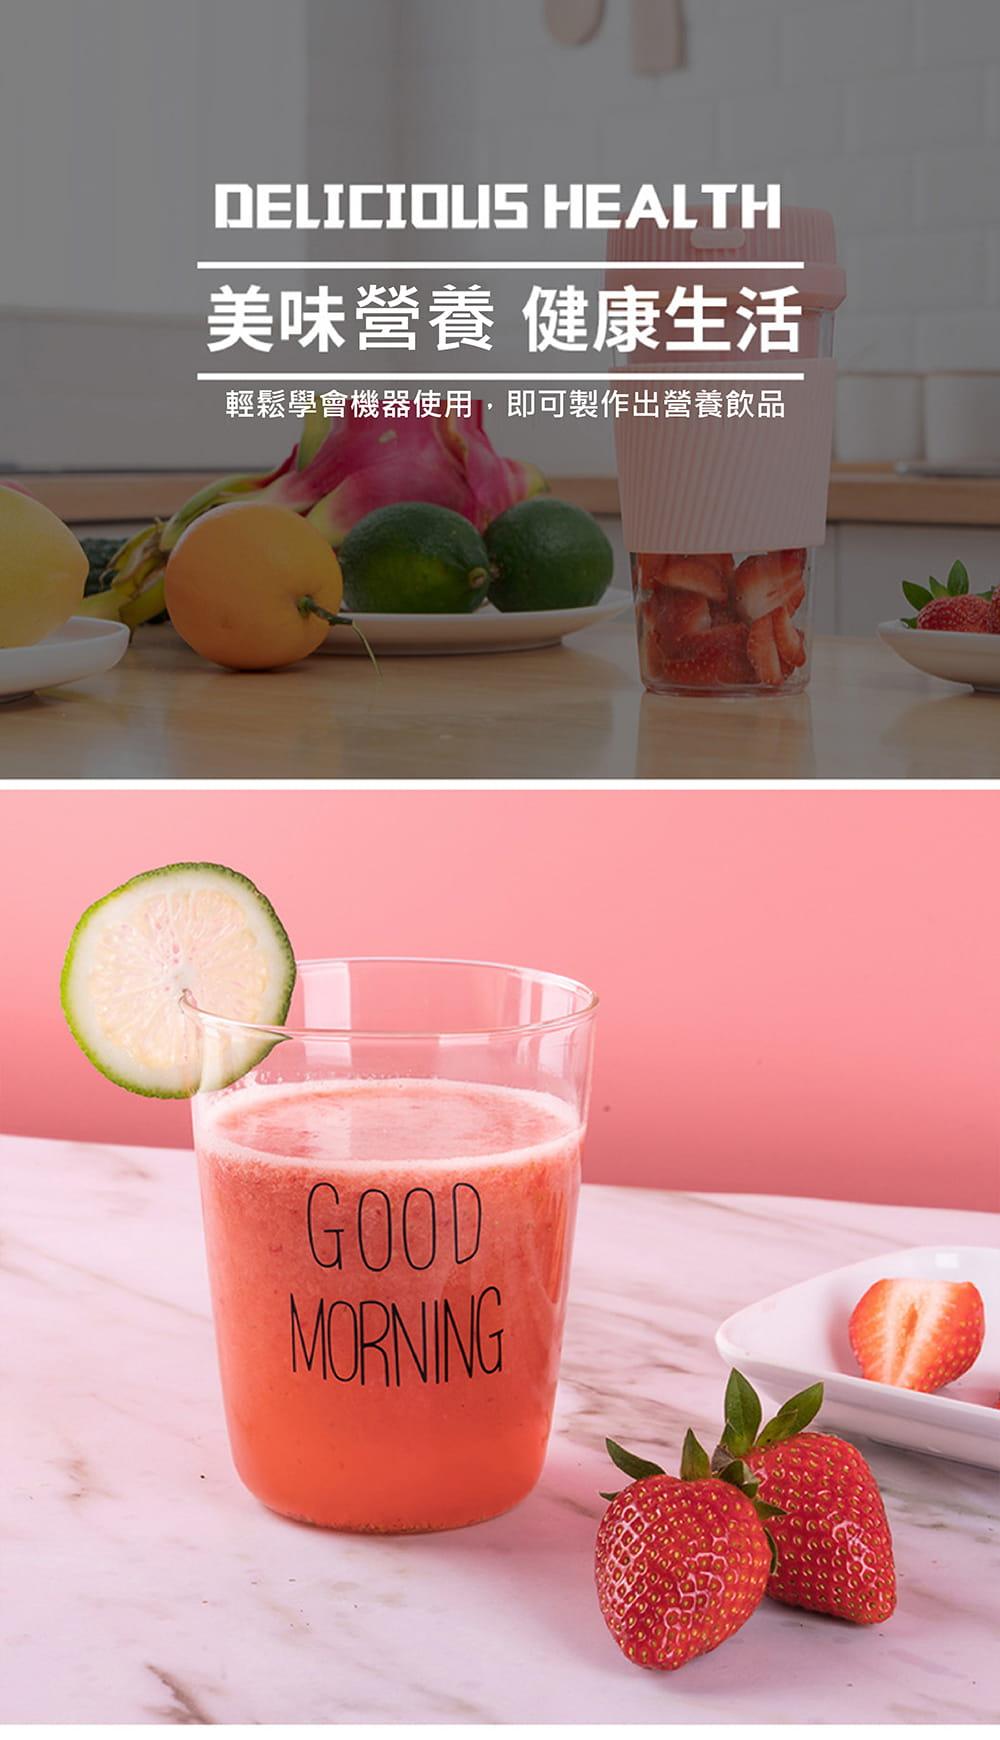 【英才星】隨身電動杯裝果汁榨汁機 19